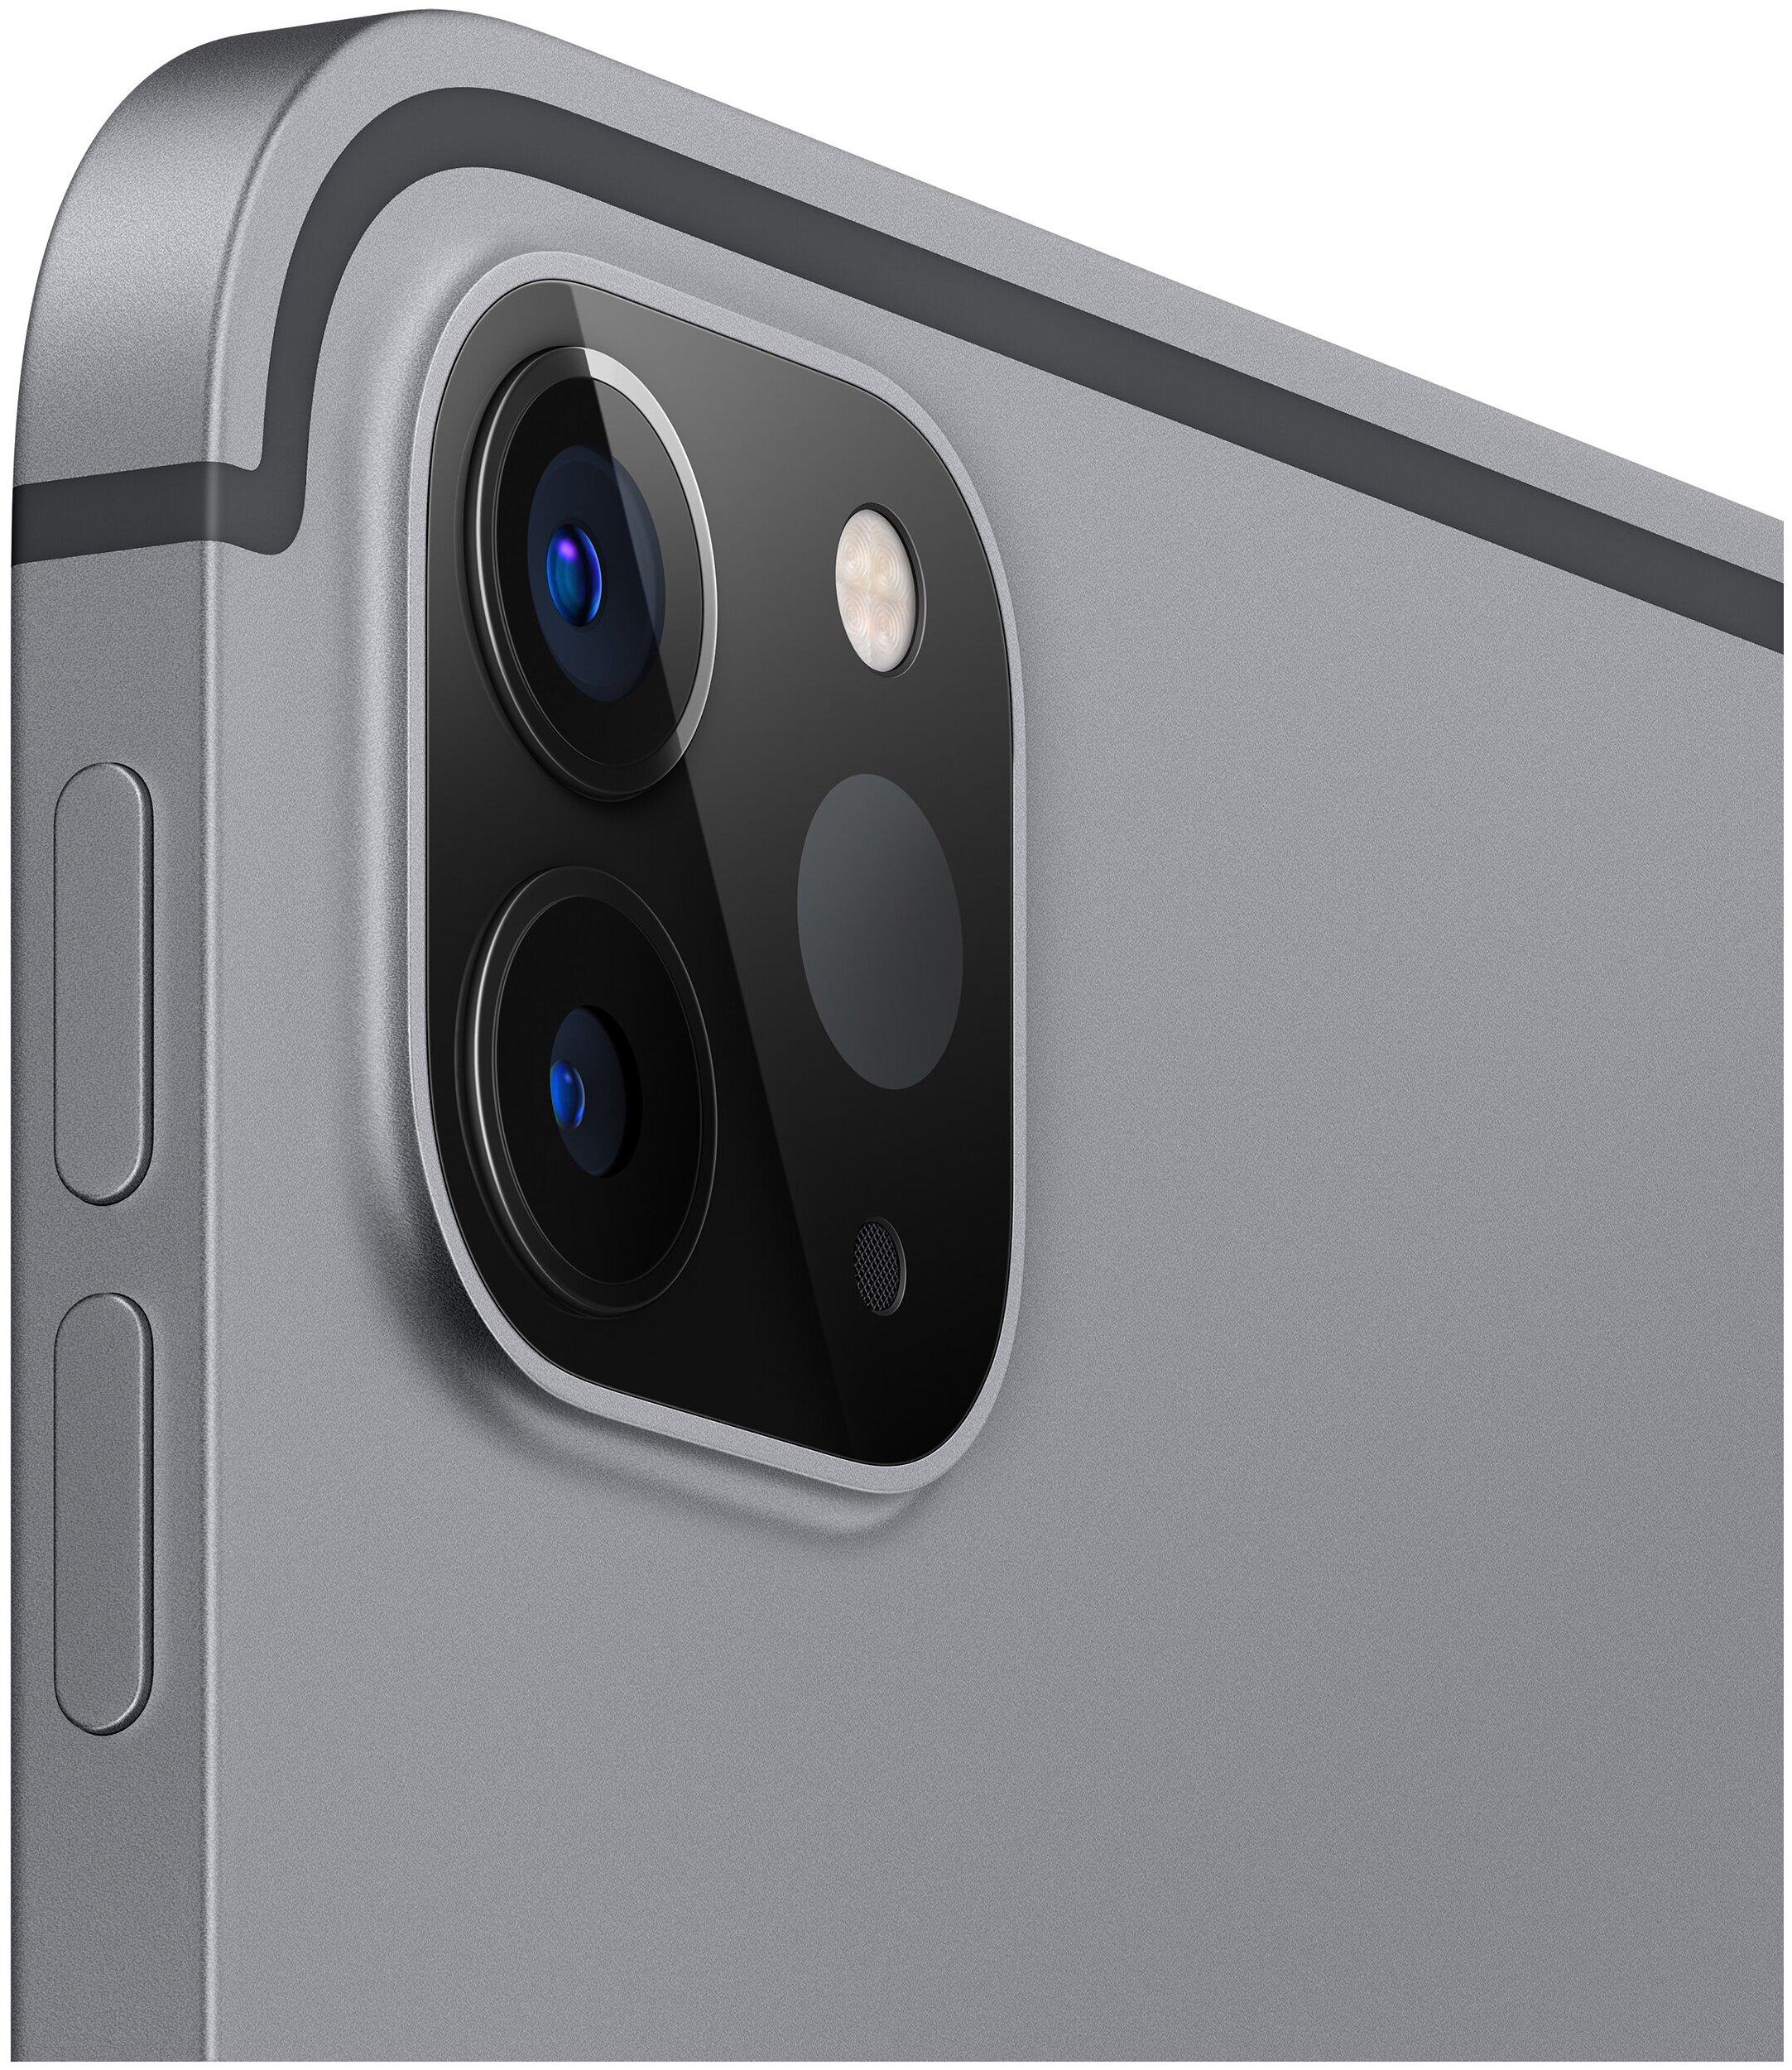 Apple iPad Pro 11 (2020) 128Gb Wi-Fi - беспроводные интерфейсы: WiFi 802.11ax, Bluetooth 5.0